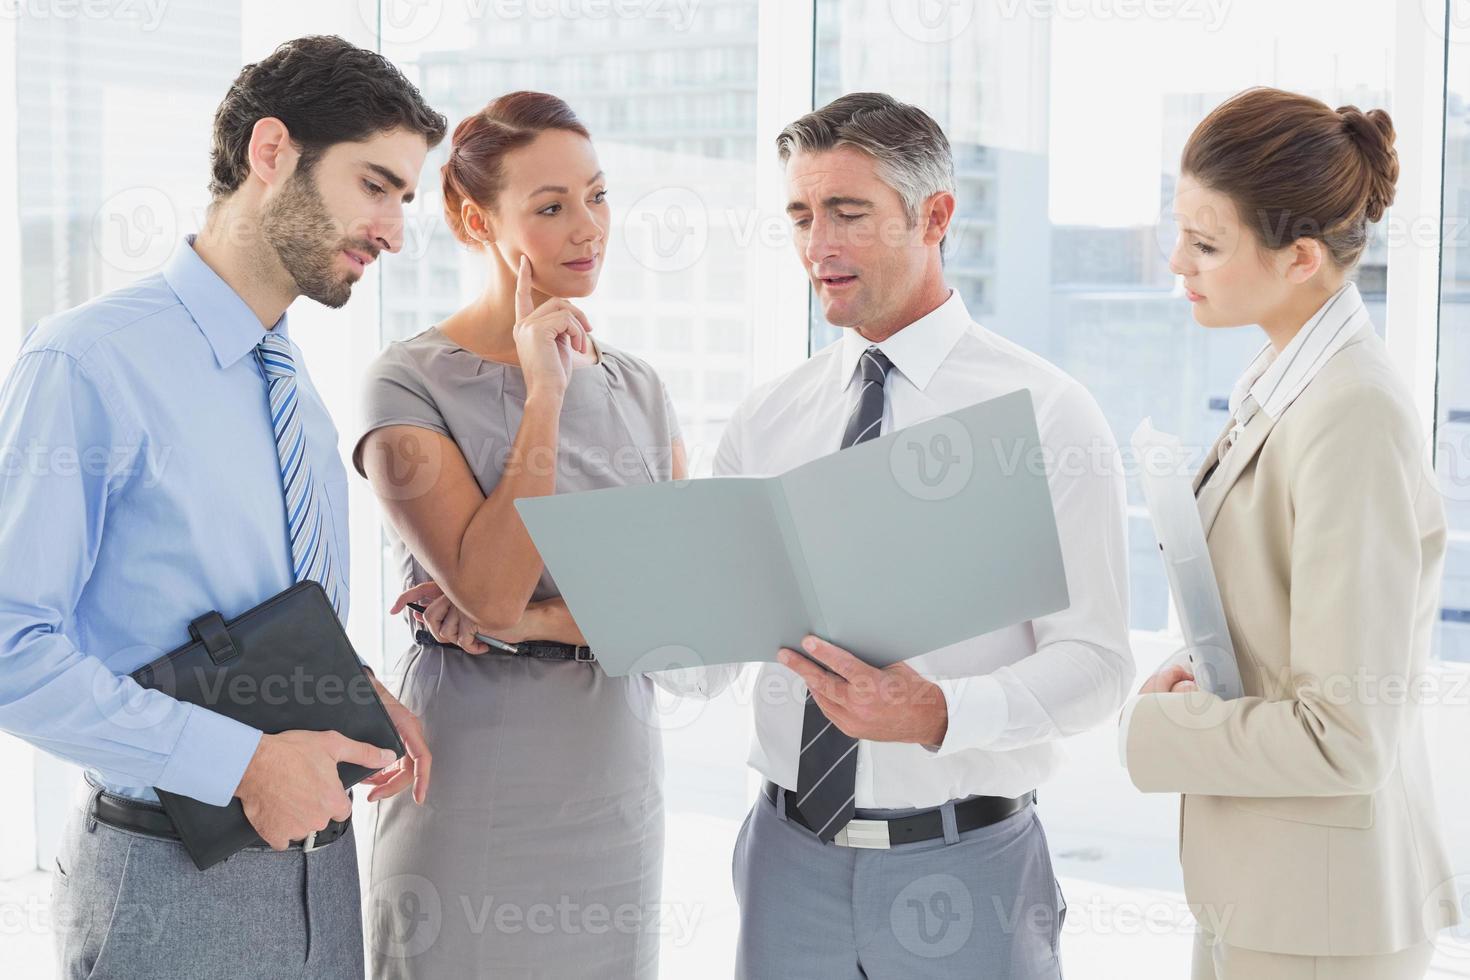 werknemers hebben een zakelijke bijeenkomst foto